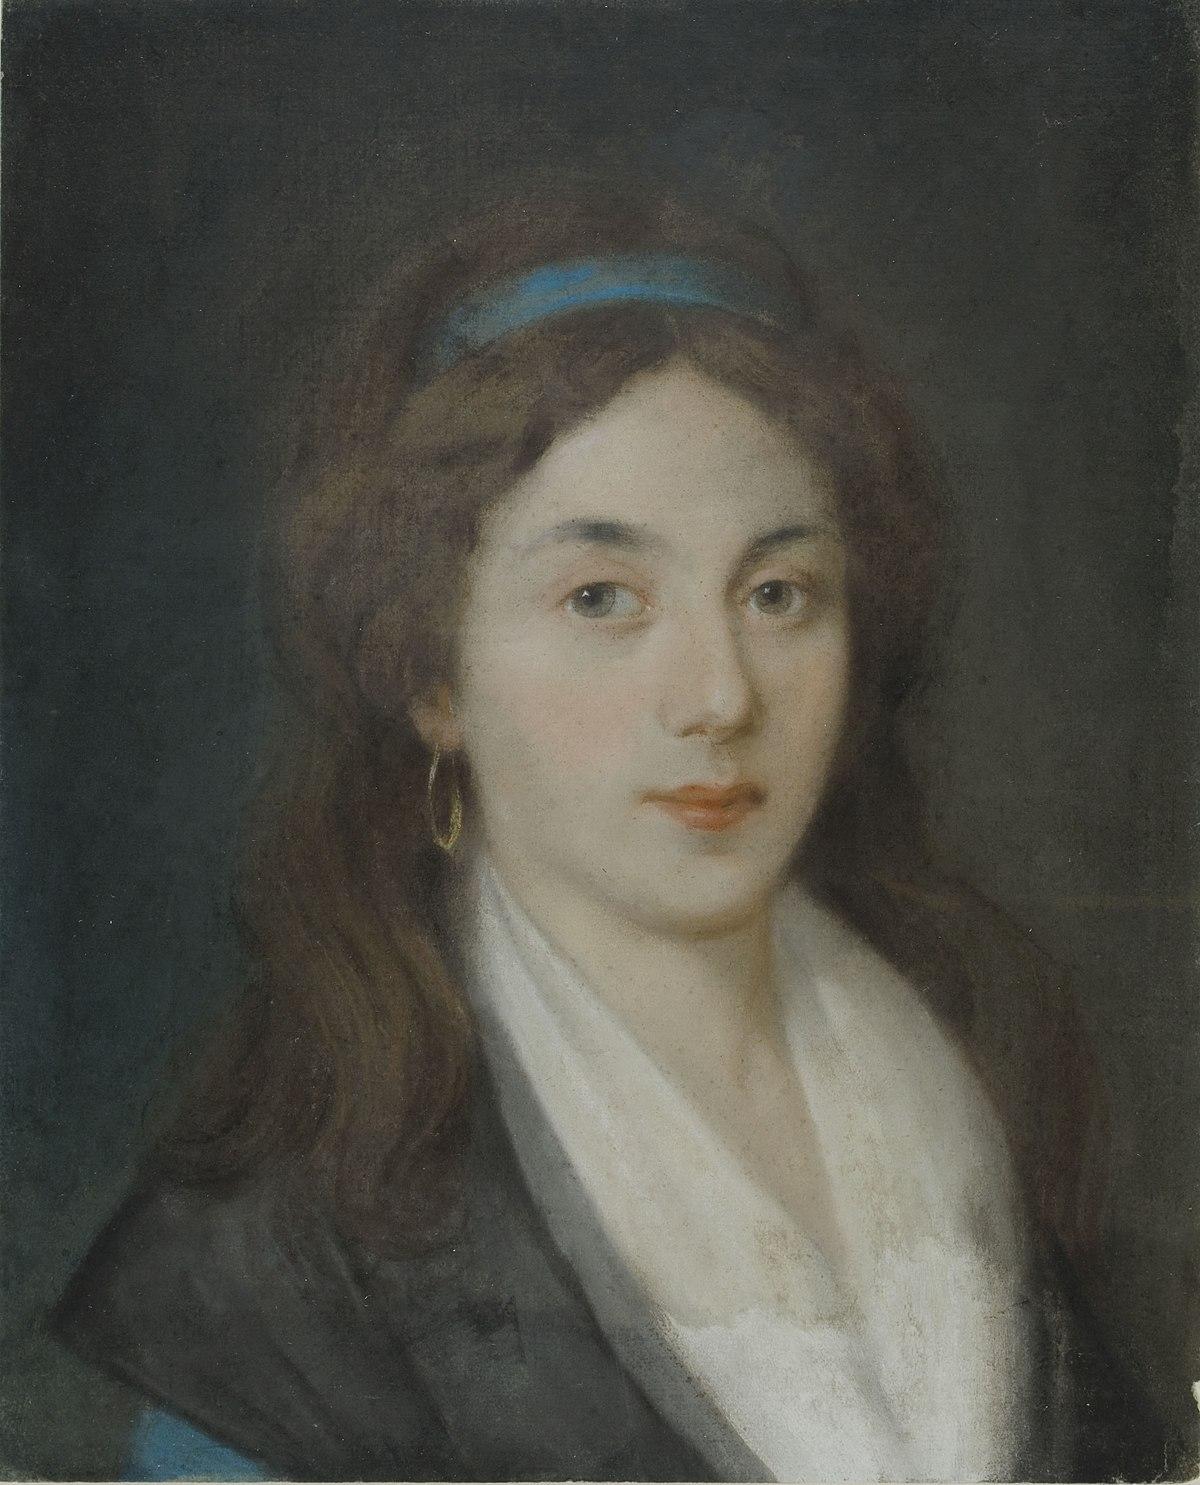 Eléonore Duplay l'amie de Maximilien Robespierre